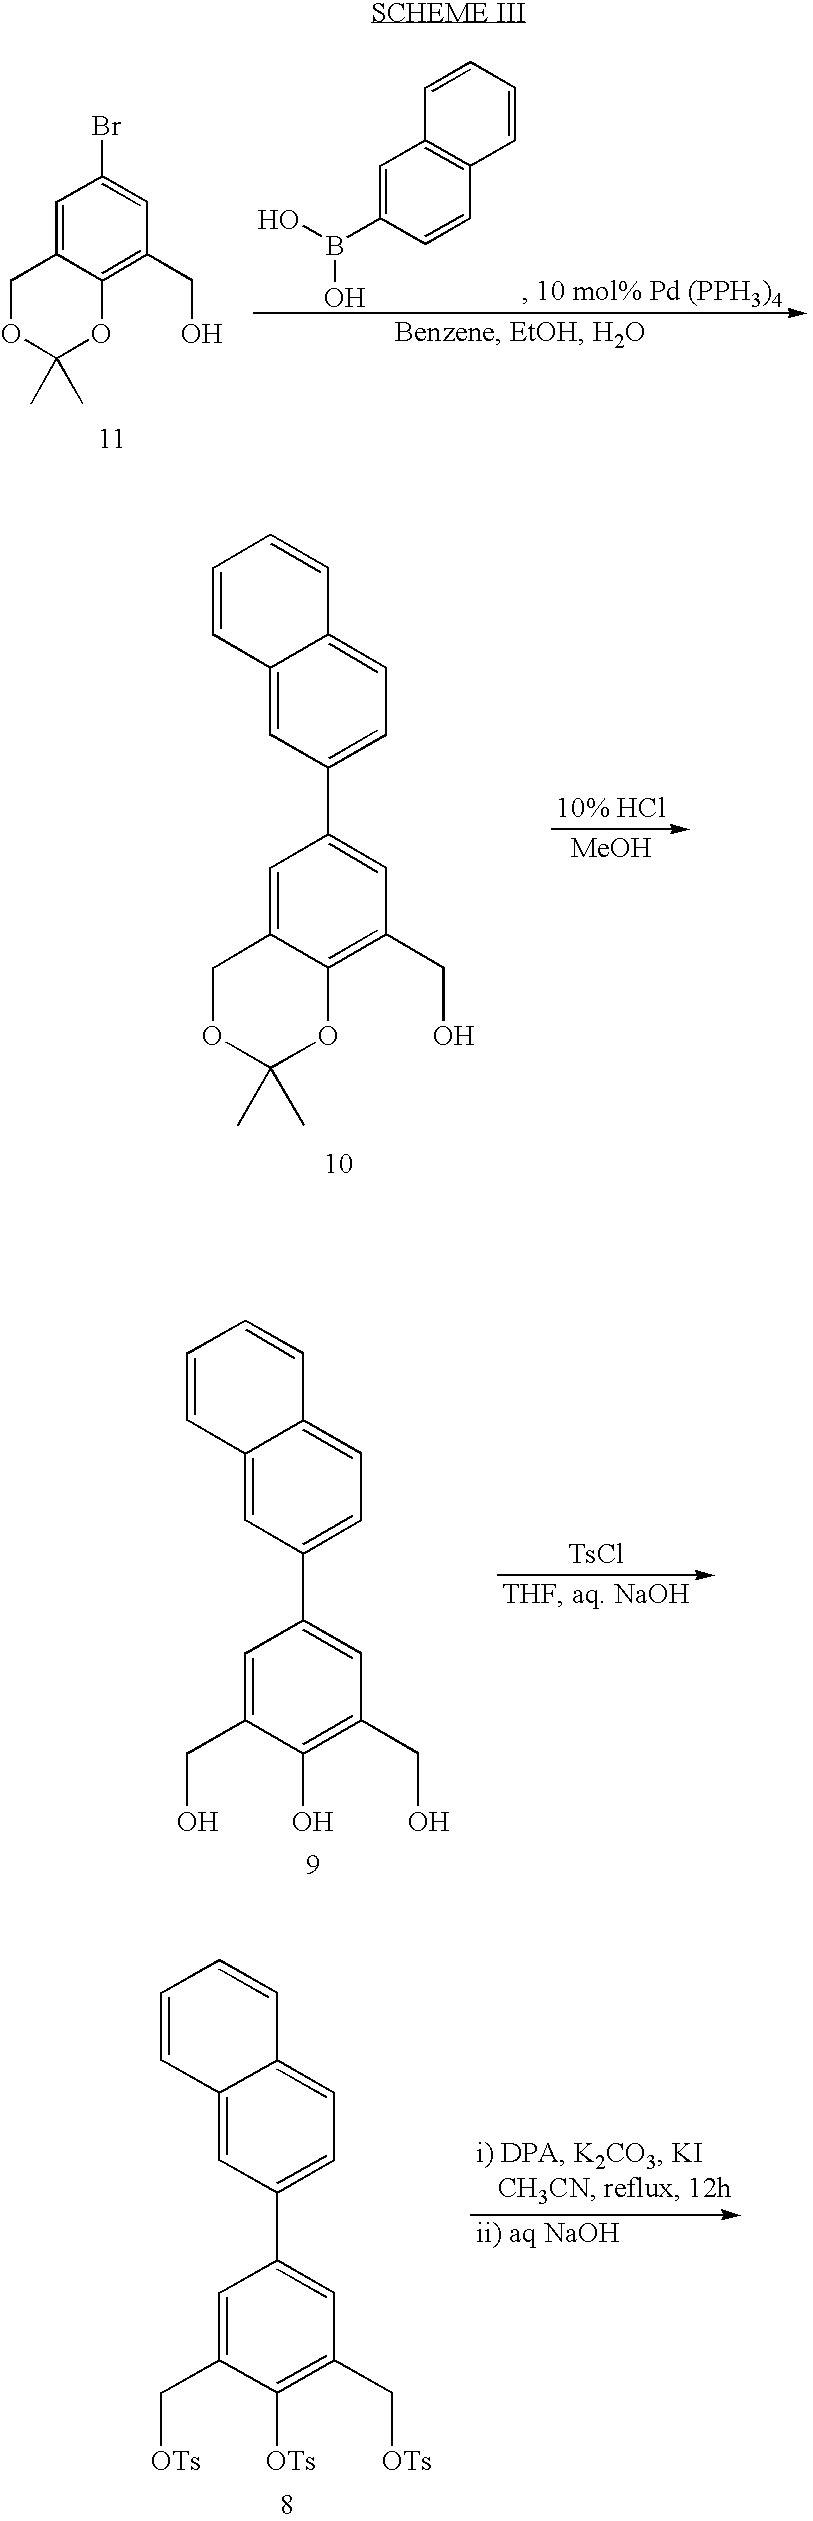 Figure US07279588-20071009-C00011